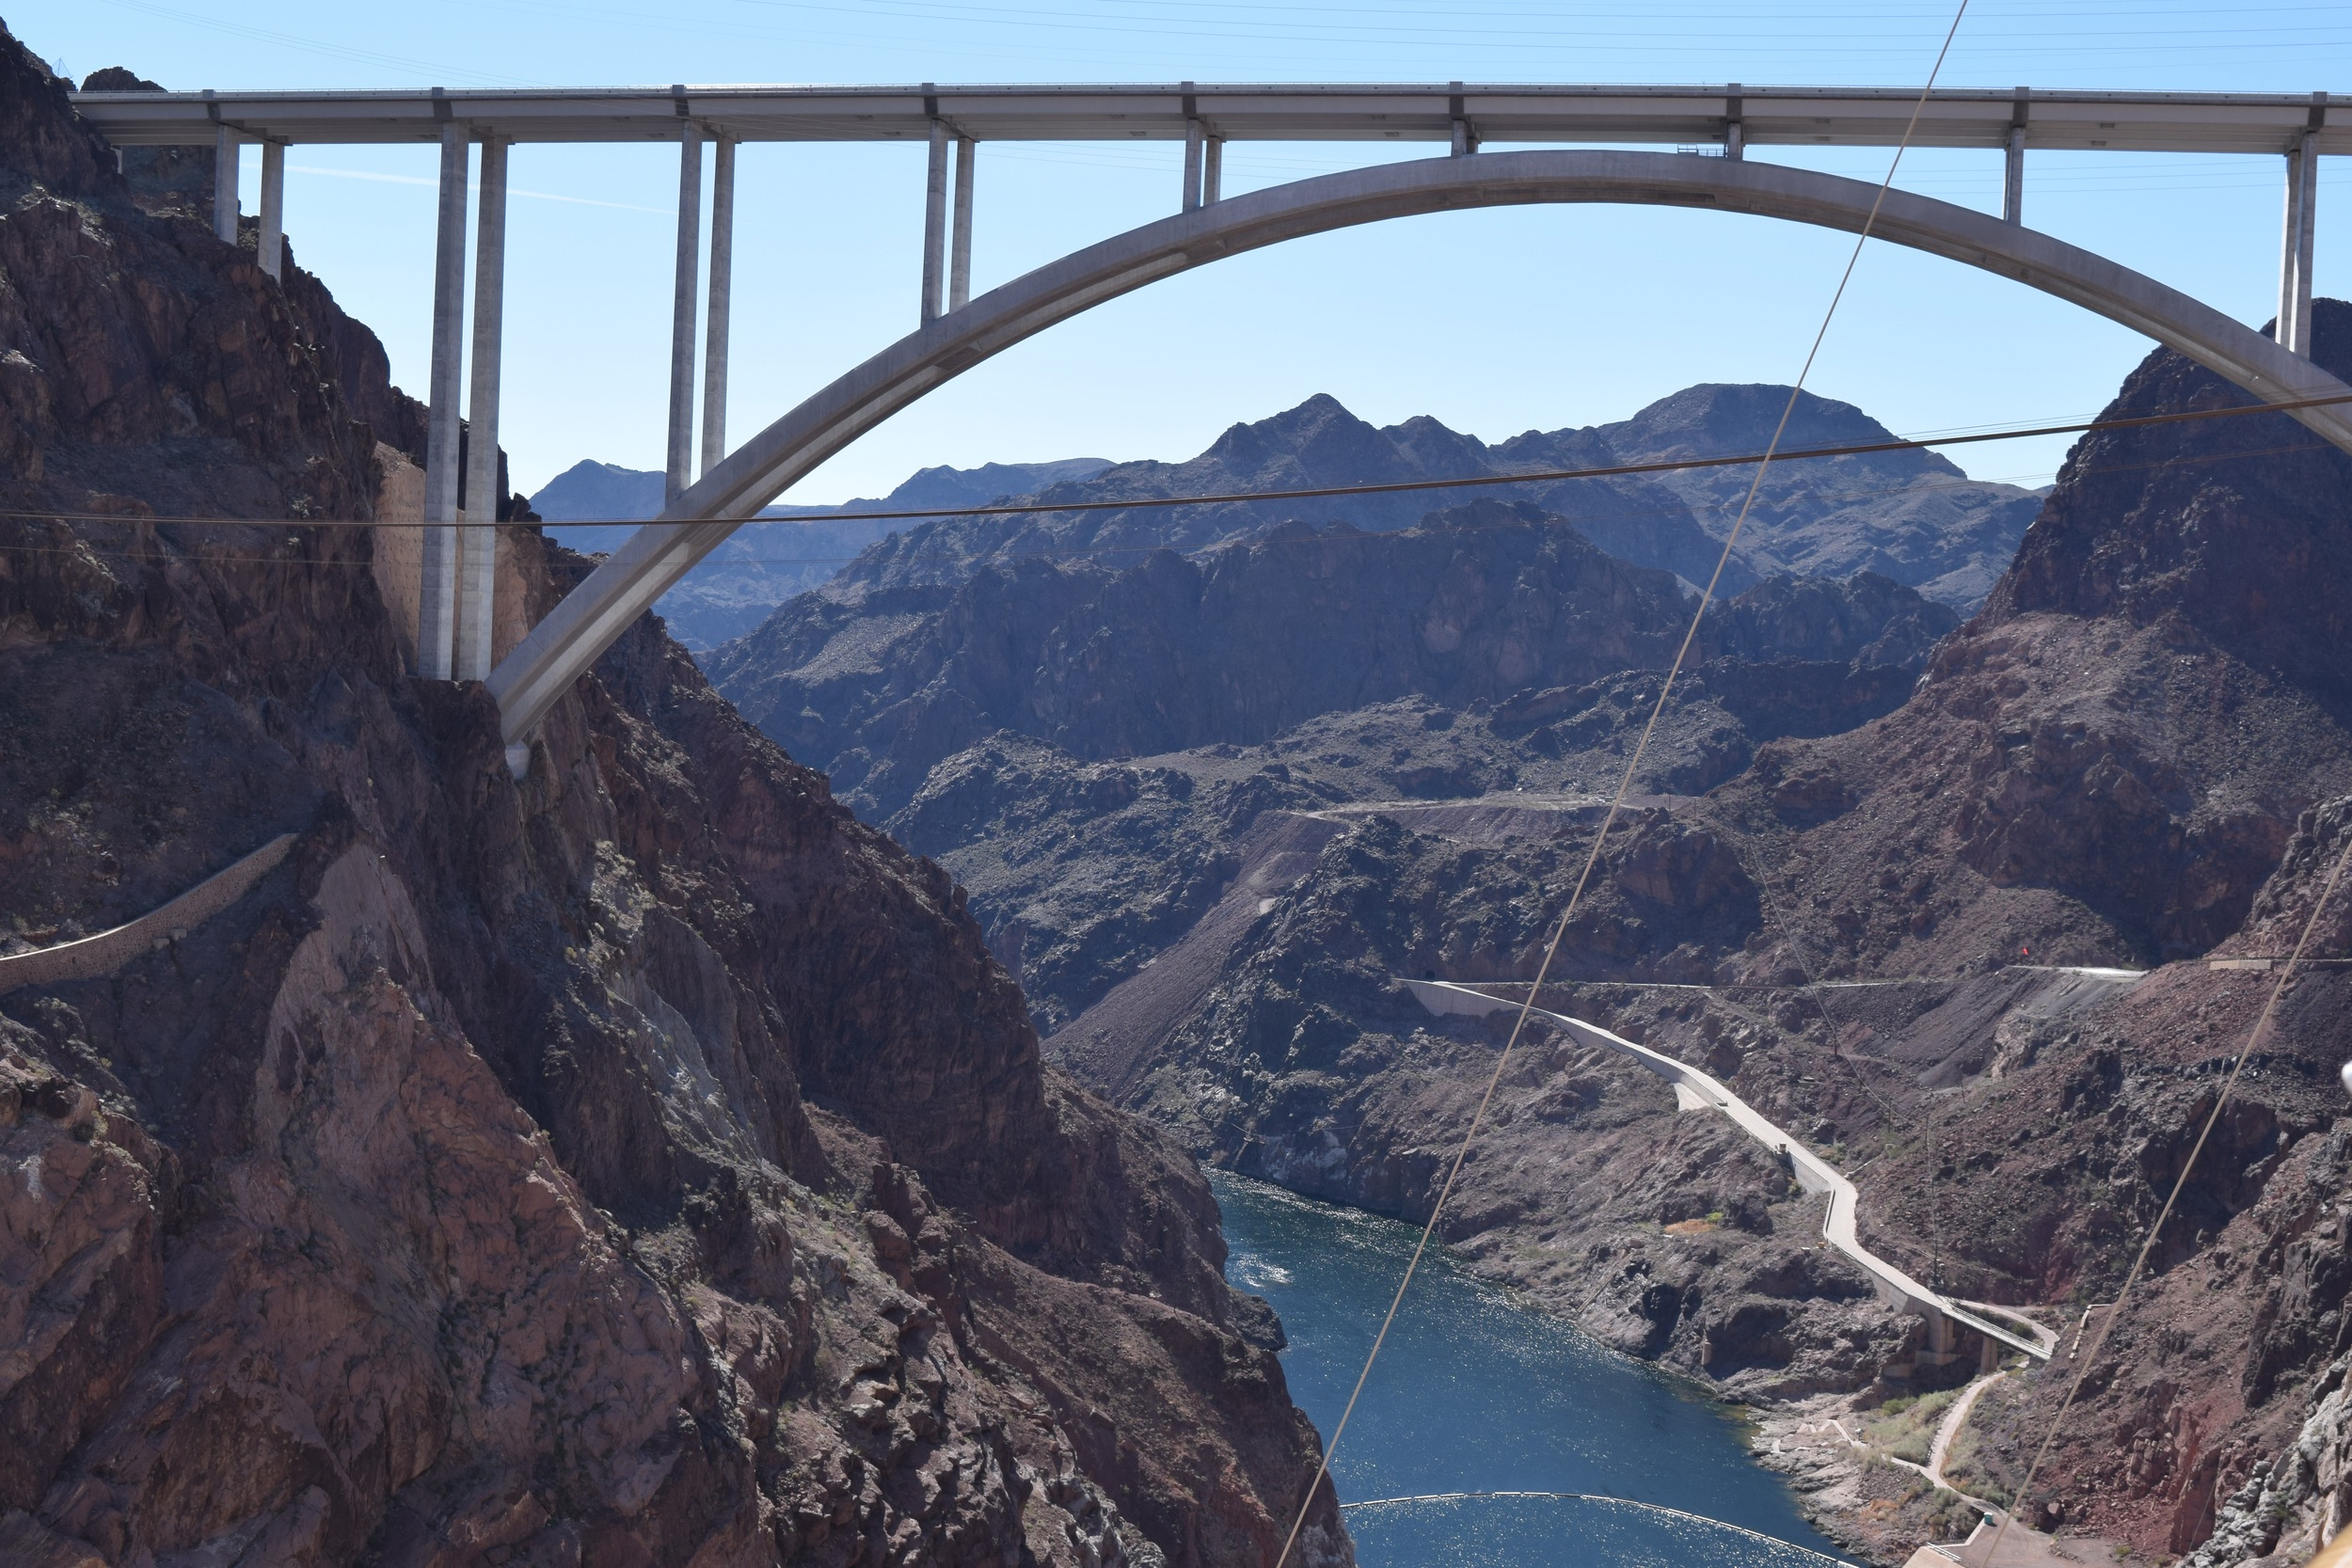 Bridge looking over the Hoover Dam